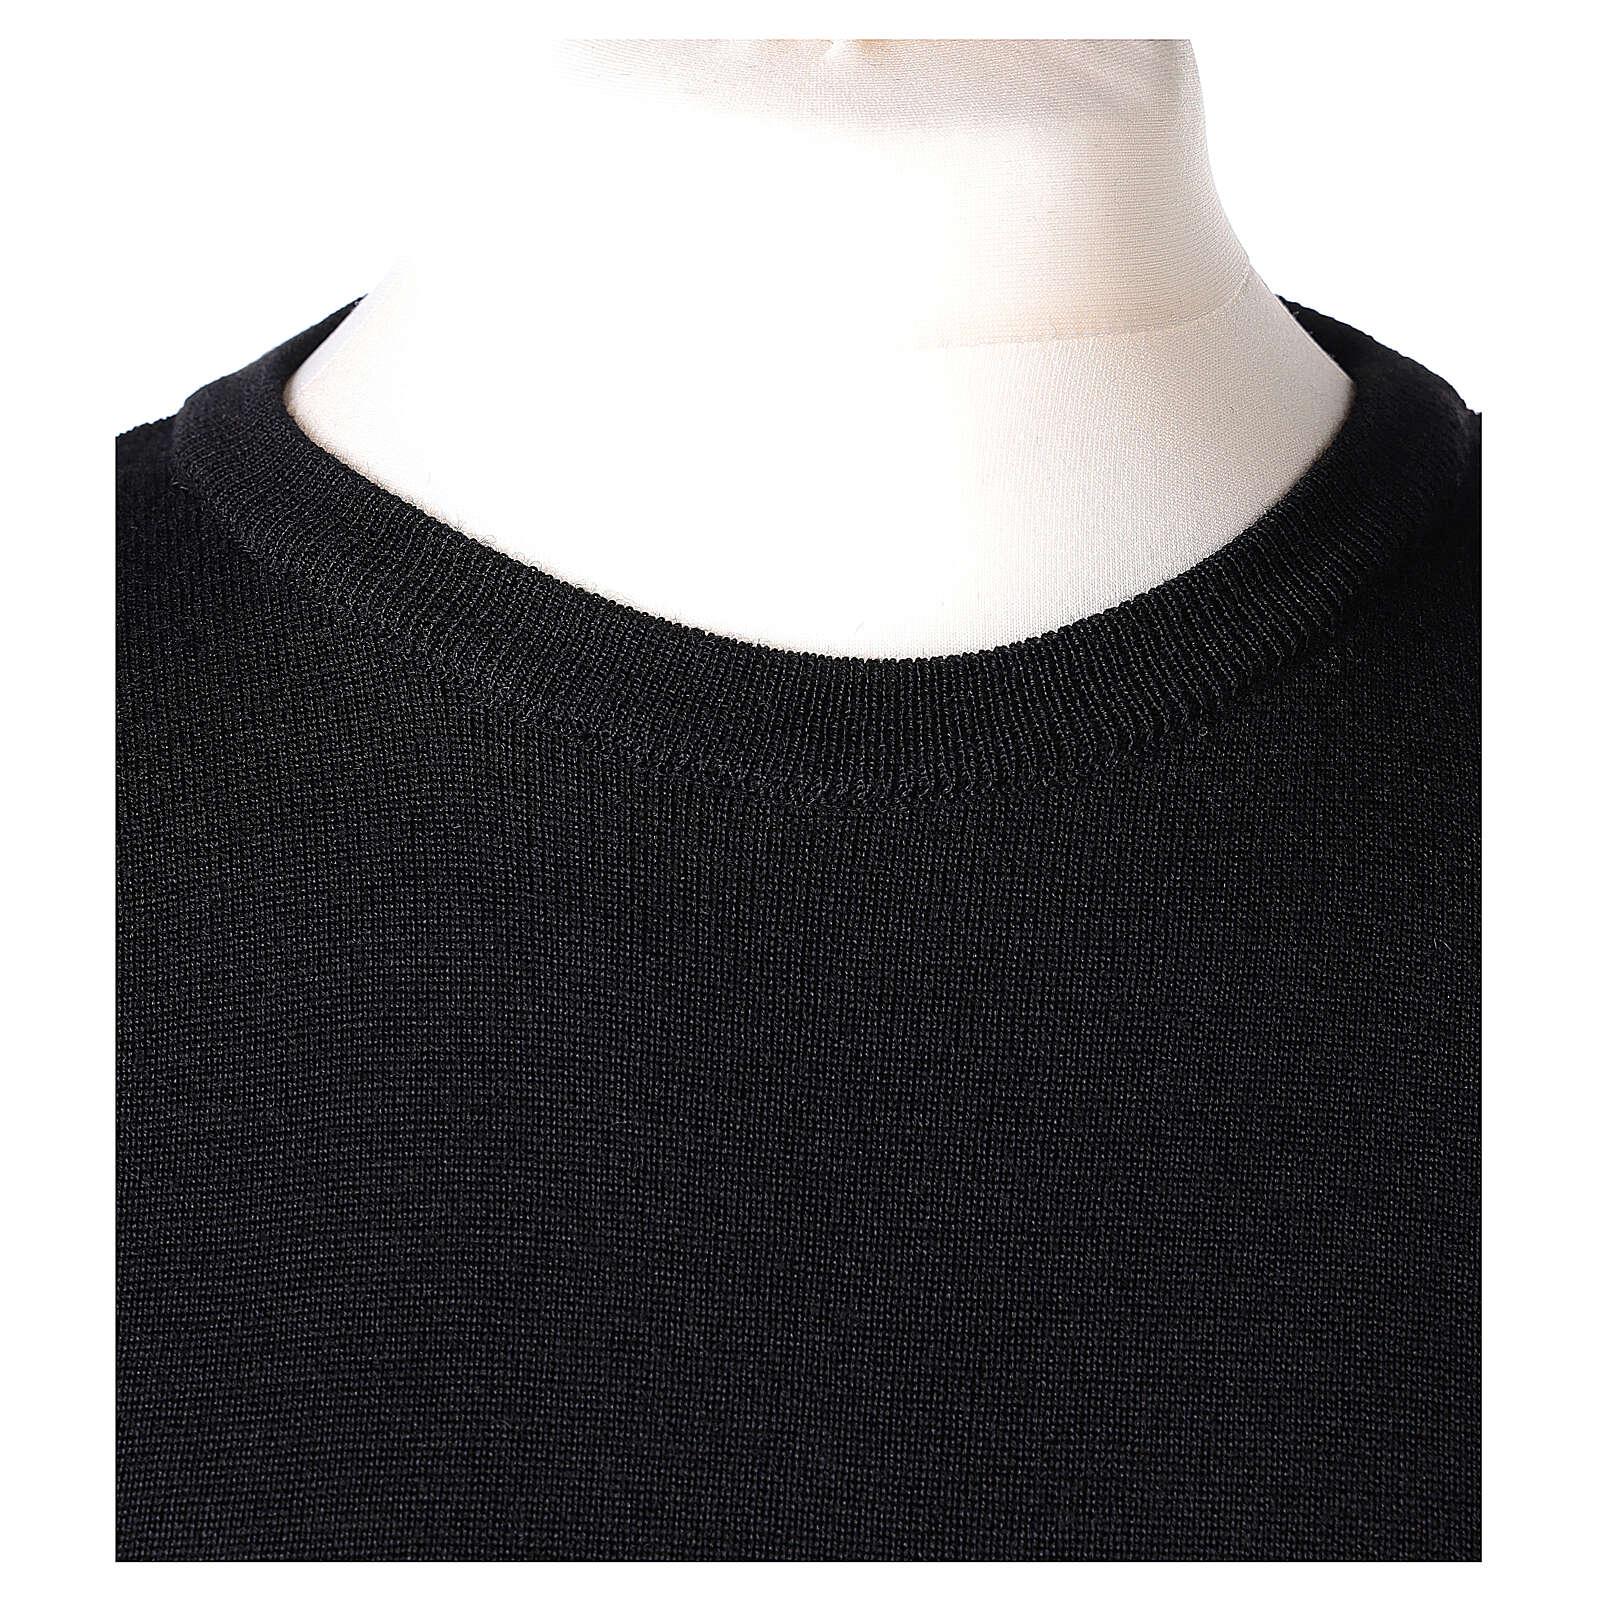 Pullover sacerdote girocollo nero TAGLIE CONF. 50% merino 50% acr. In Primis 4